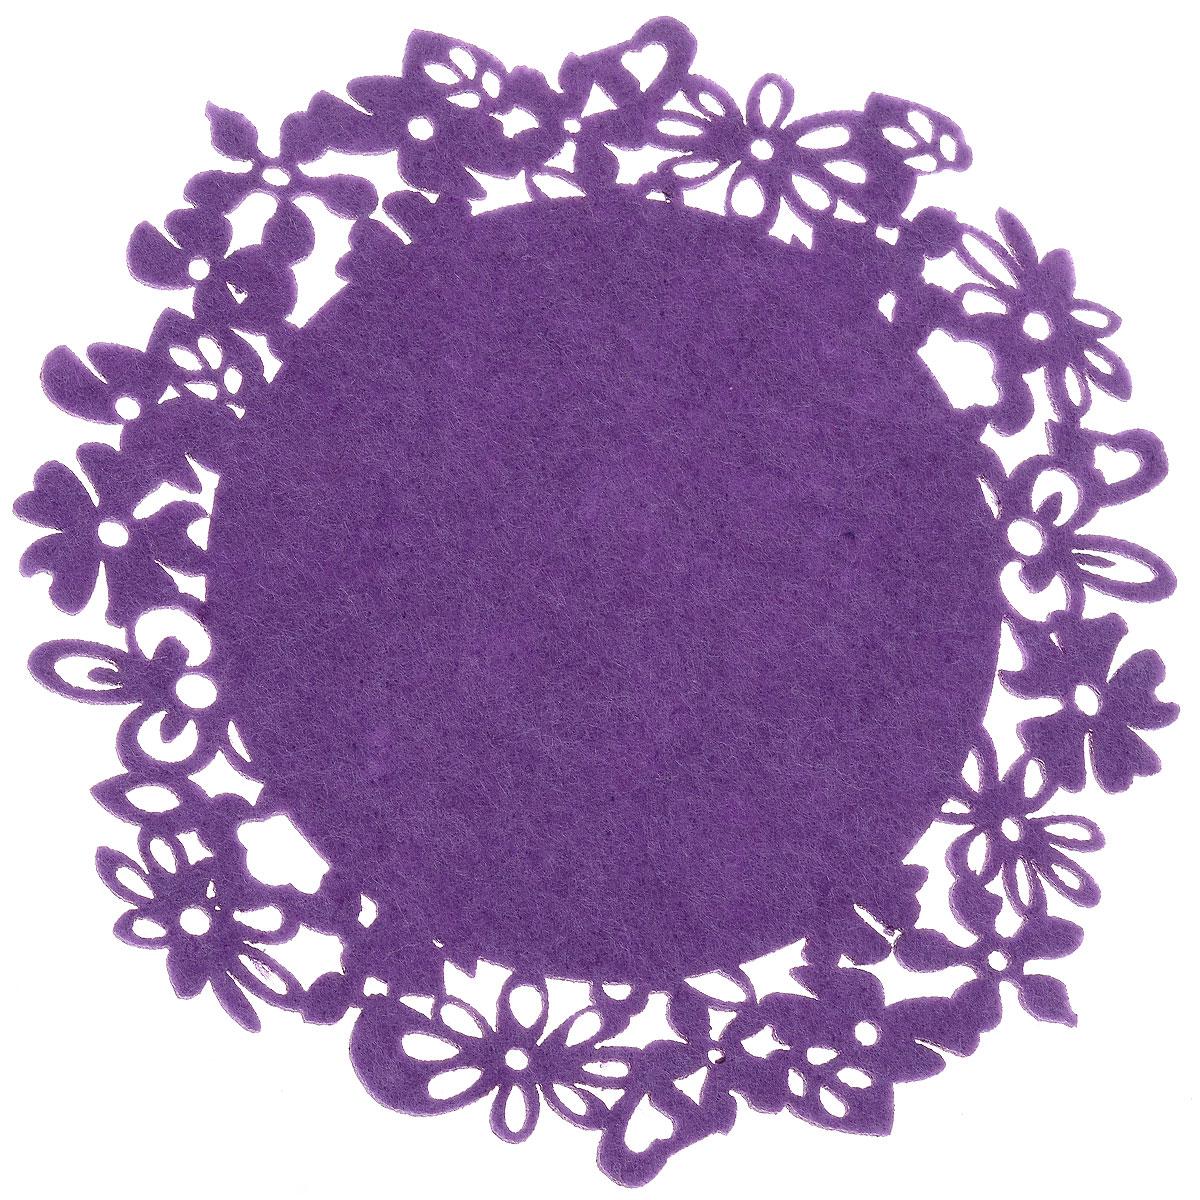 Салфетка-подставка под горячее Orange Цветы, цвет: сиреневый, диаметр 19,5 см115510Круглая салфетка-подставка под горячее Orange Цветы изготовлена из фетра и оформлена изысканной перфорацией в виде цветов. Такая салфетка прекрасно подойдет для украшения интерьера кухни, она сбережет стол от высоких температур и грязи.Диаметр: 19,5 см.